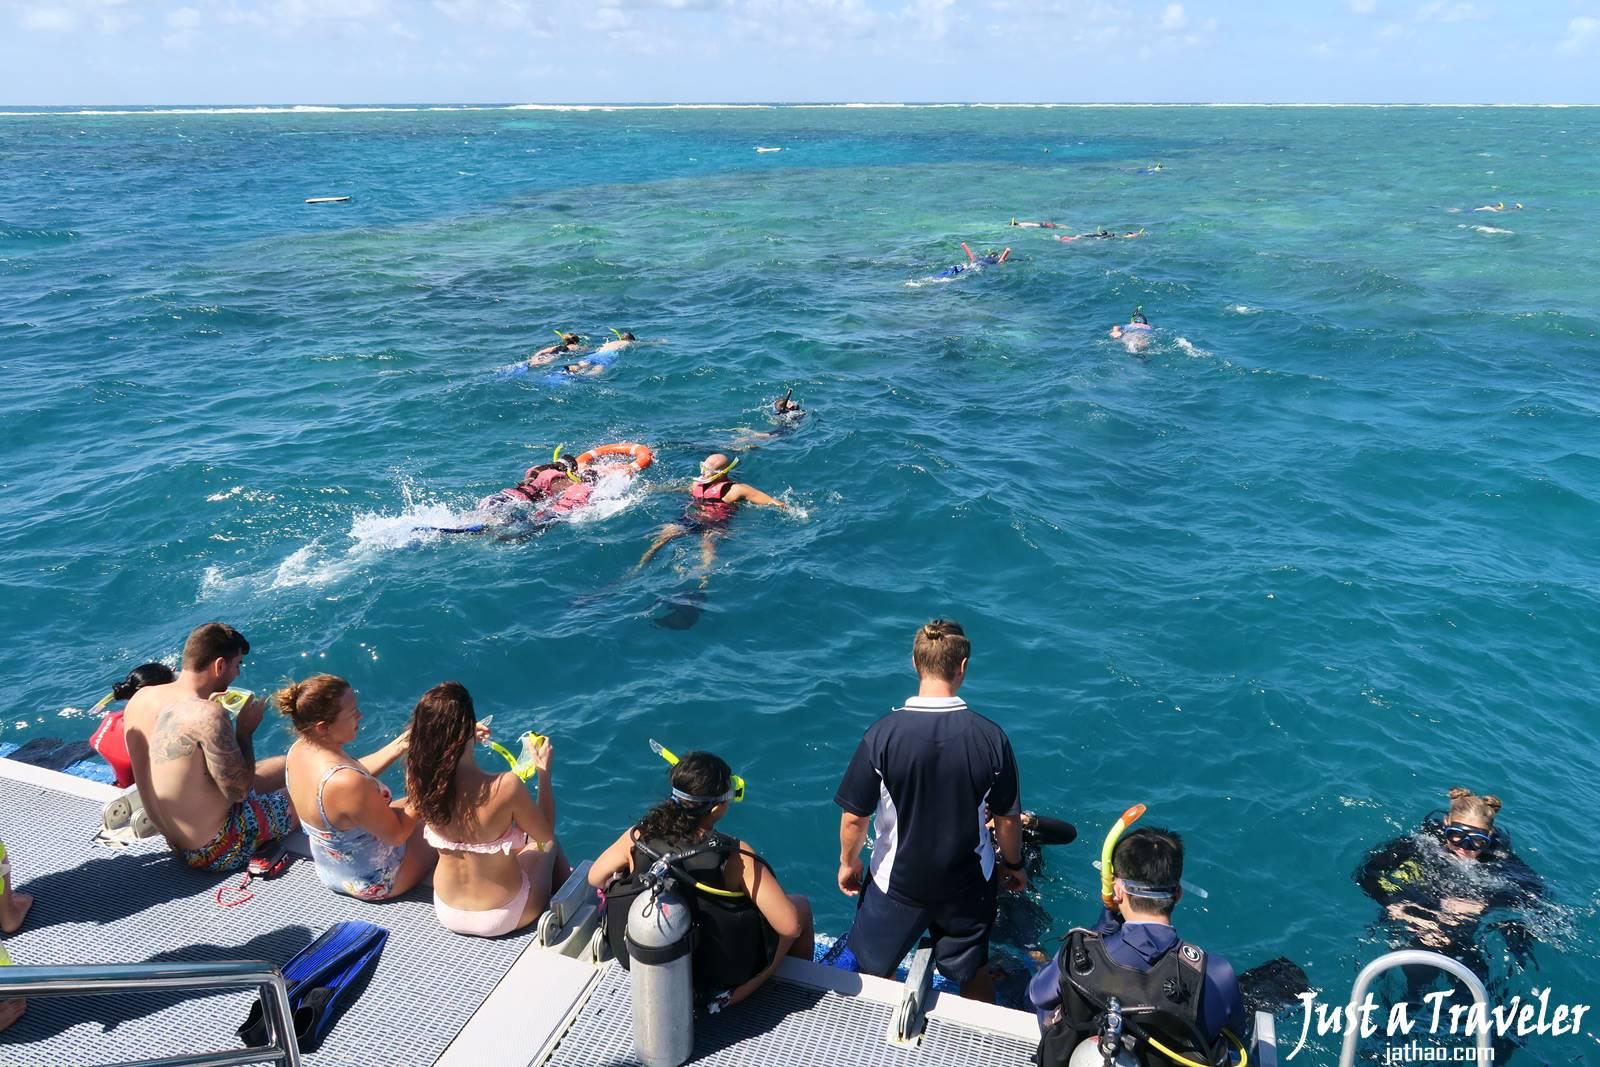 凱恩斯-大堡礁-外堡礁-內堡礁-行程-推薦-浮潛-潛水-旅遊-自由行-澳洲-Cairns-Great-Barrier-Reef-Travel-Australia